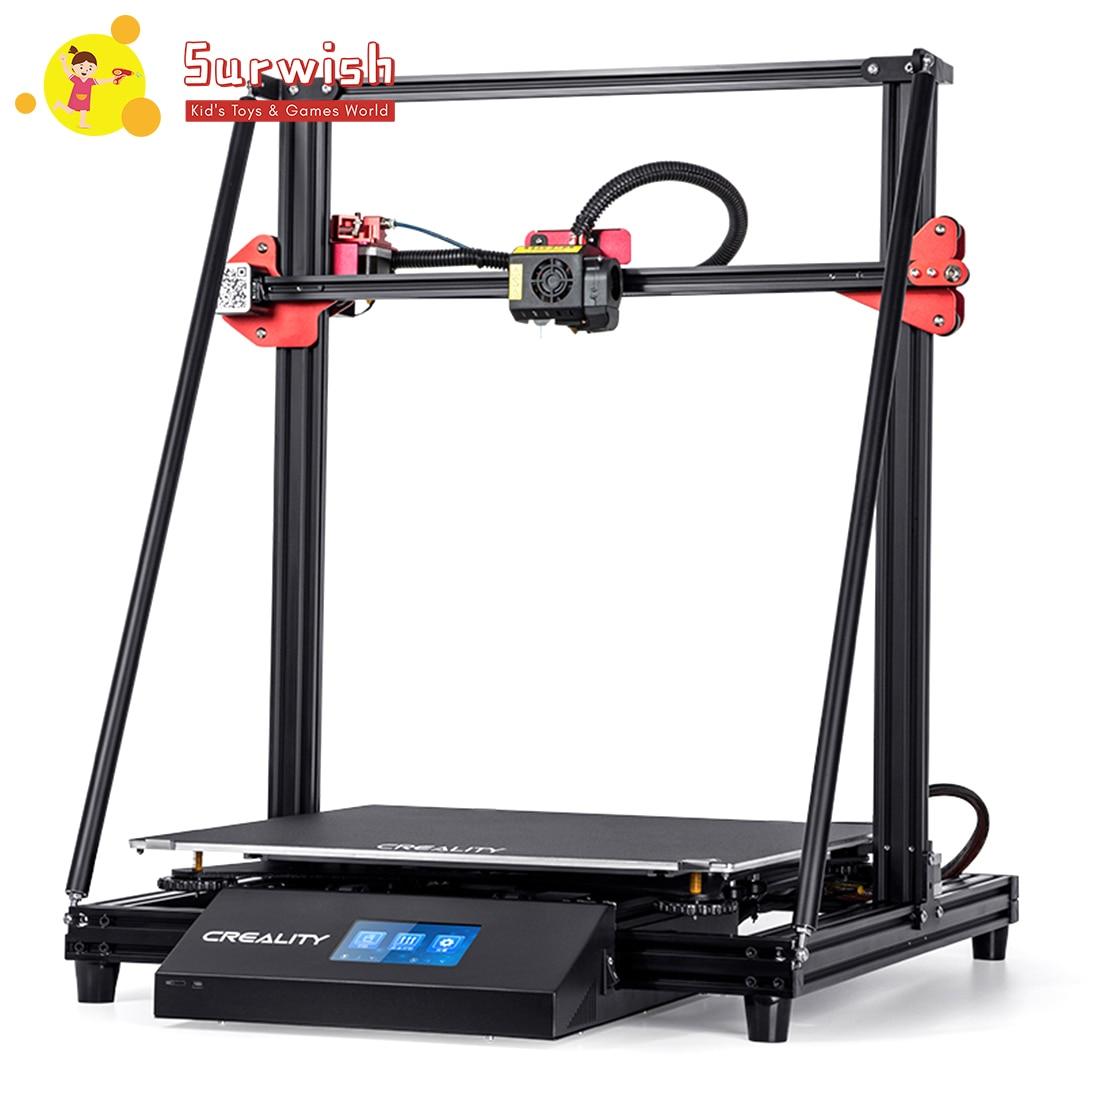 Creality3D CR-10 MAX 3D Printer With Printing Size Of 450x450x470mm - AUS Plug/UK Plug/ EU Plug/US Plug